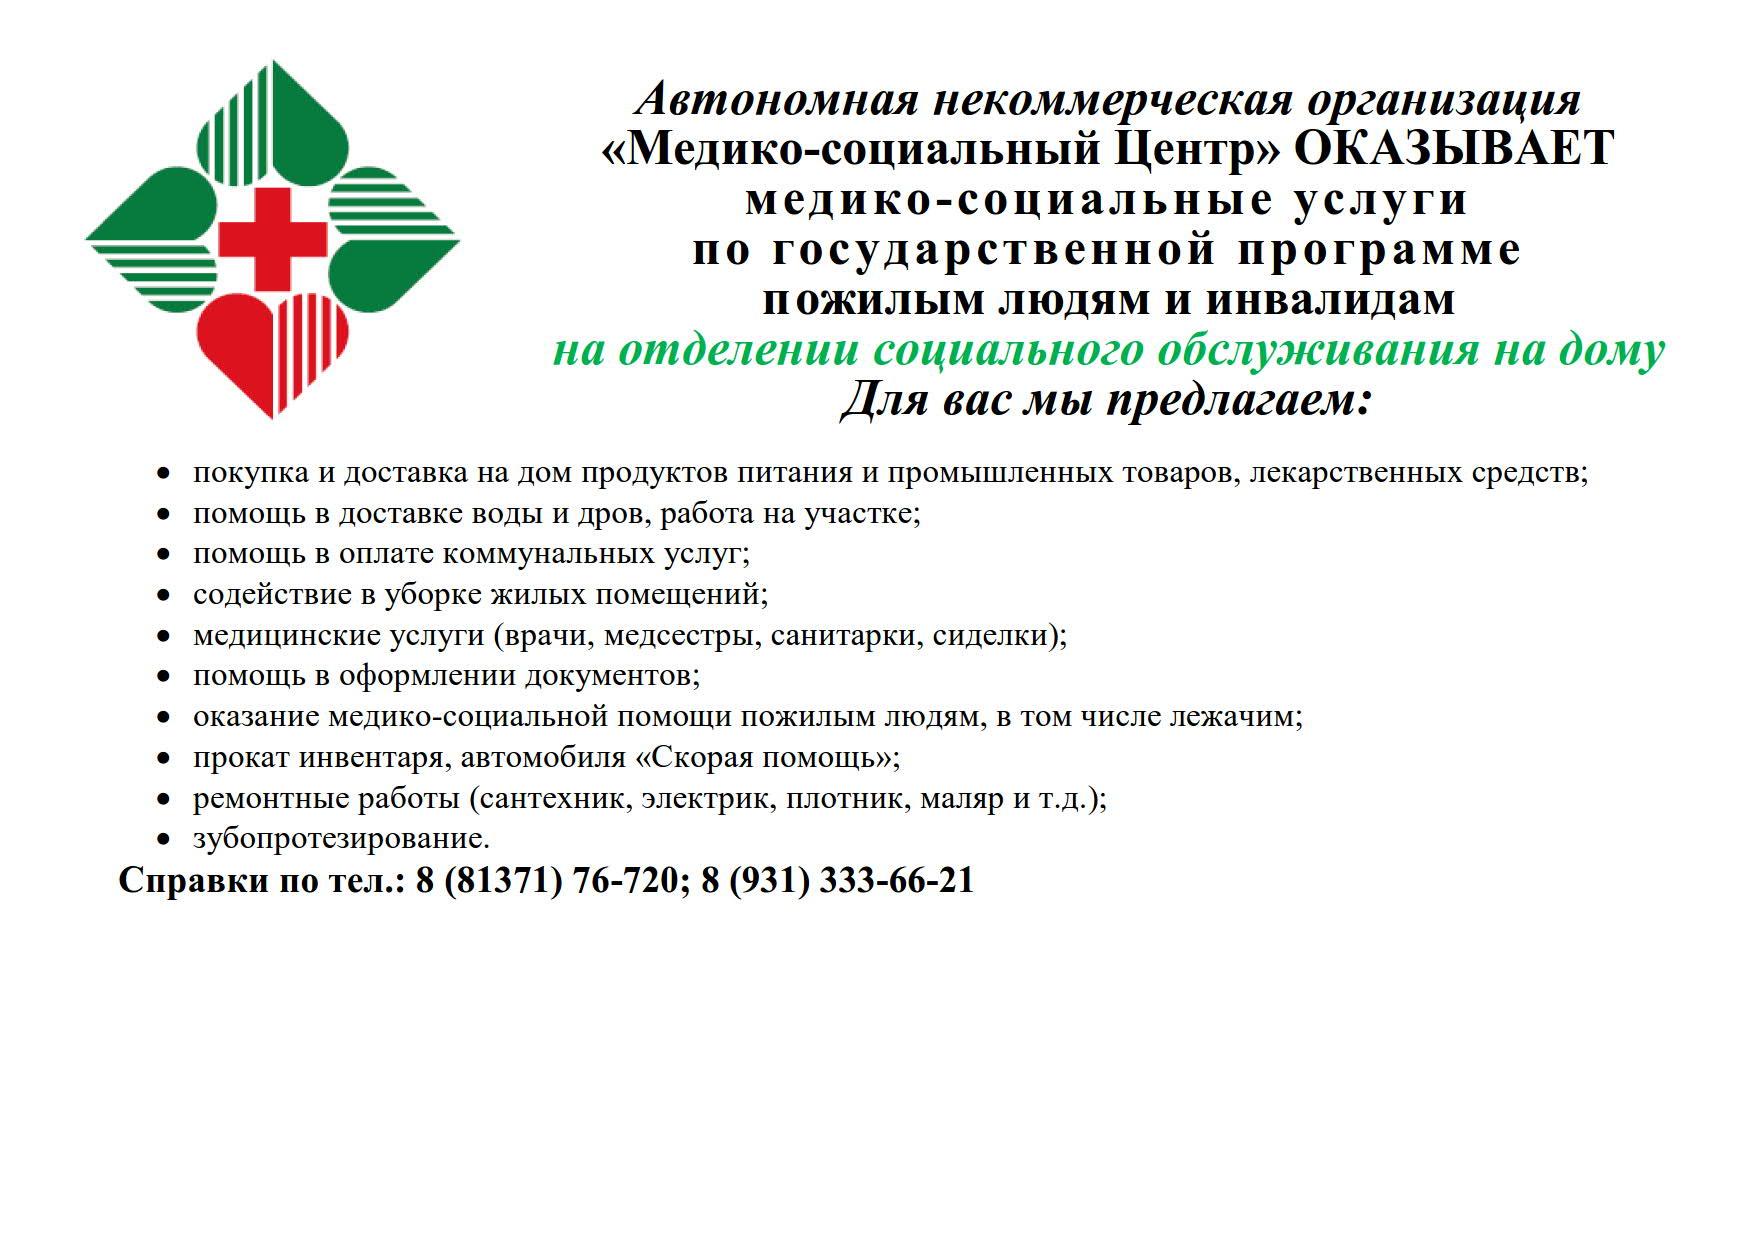 !Объявление МСЦ на дому_1